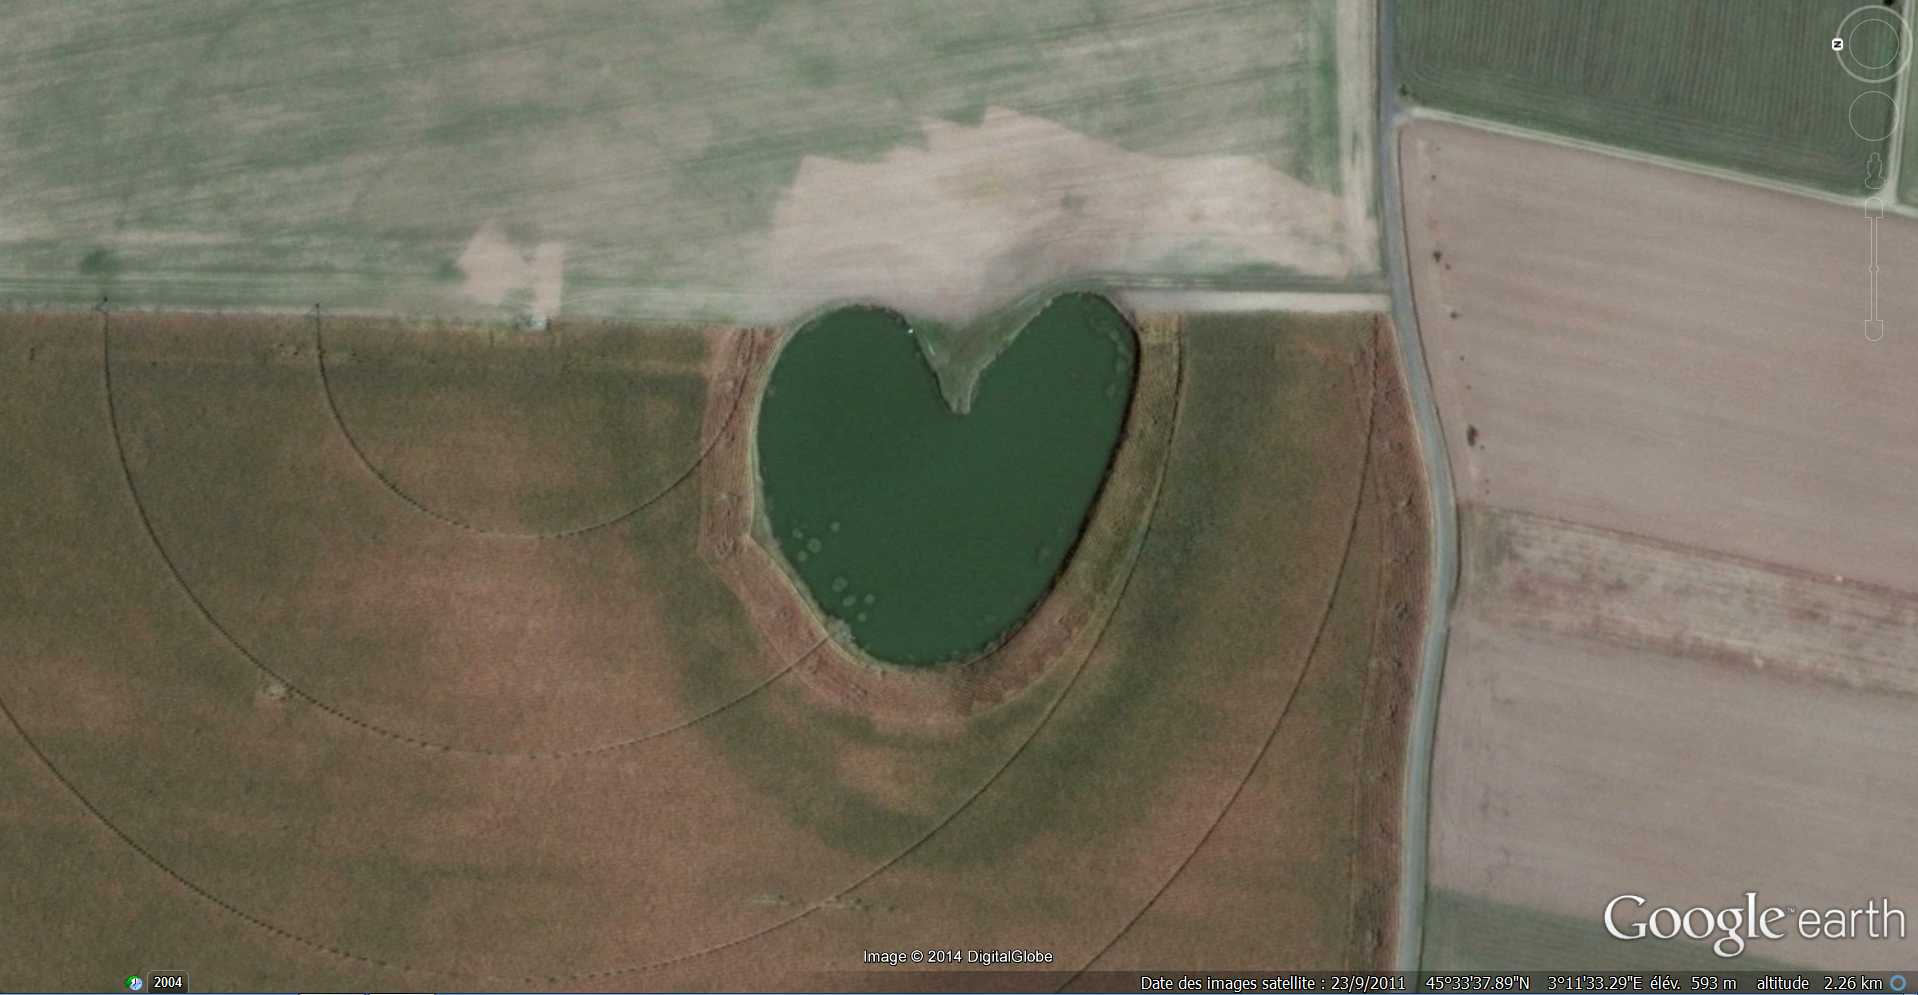 Les cœurs découverts dans Google Earth - Page 9 2014-217